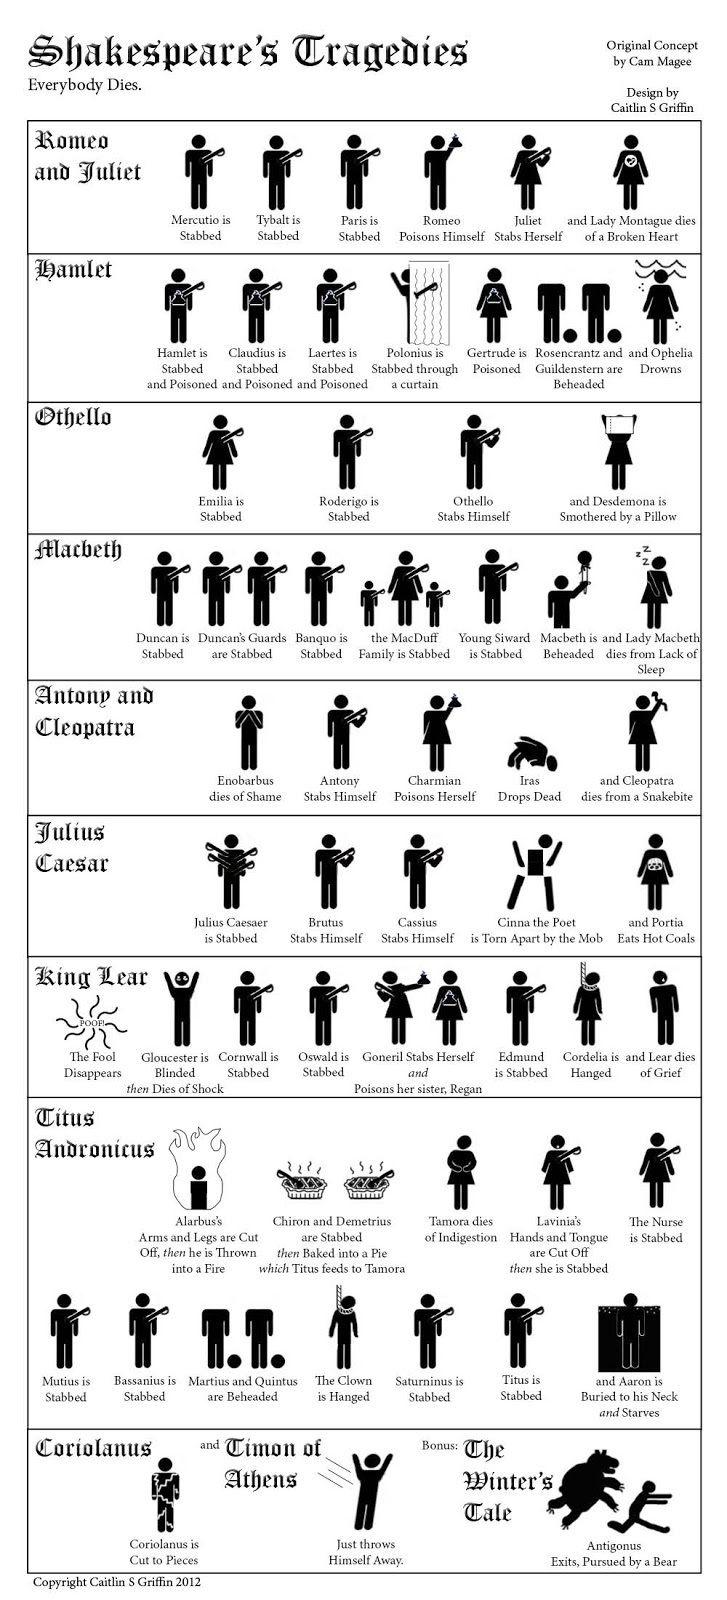 [INFOGRAPHIE] Comment meurt-on chez Shakespeare? | Slate.fr